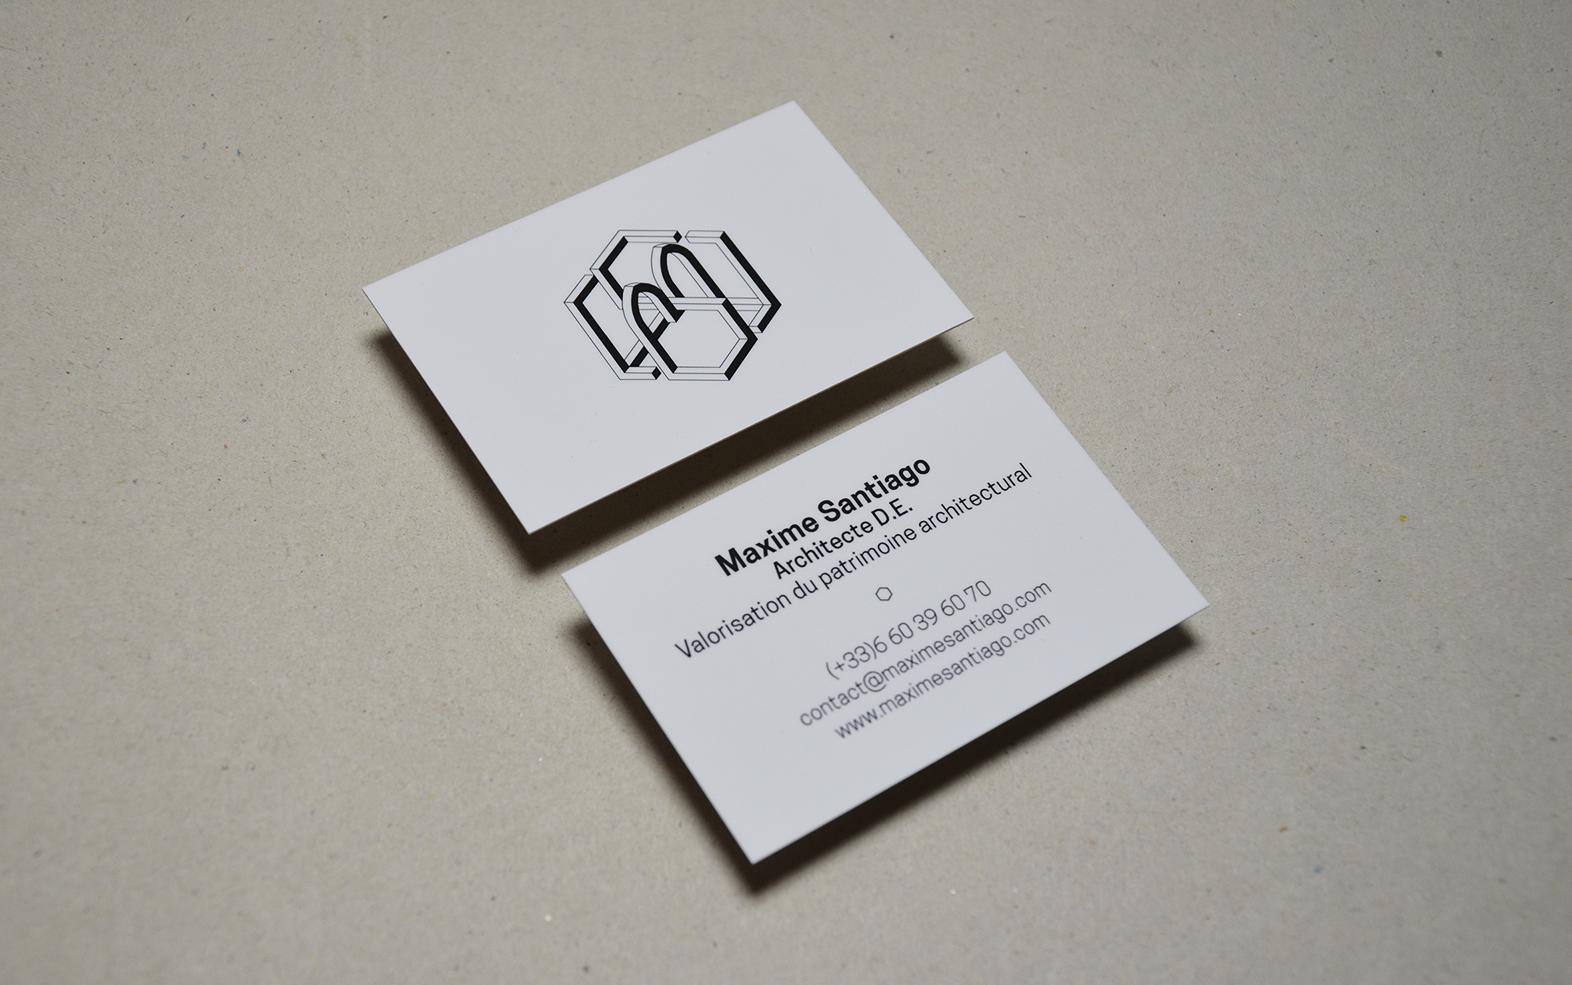 Cartes De Visite Et Logo Maxime Santiago Architecte DE Philippe Barthelemy